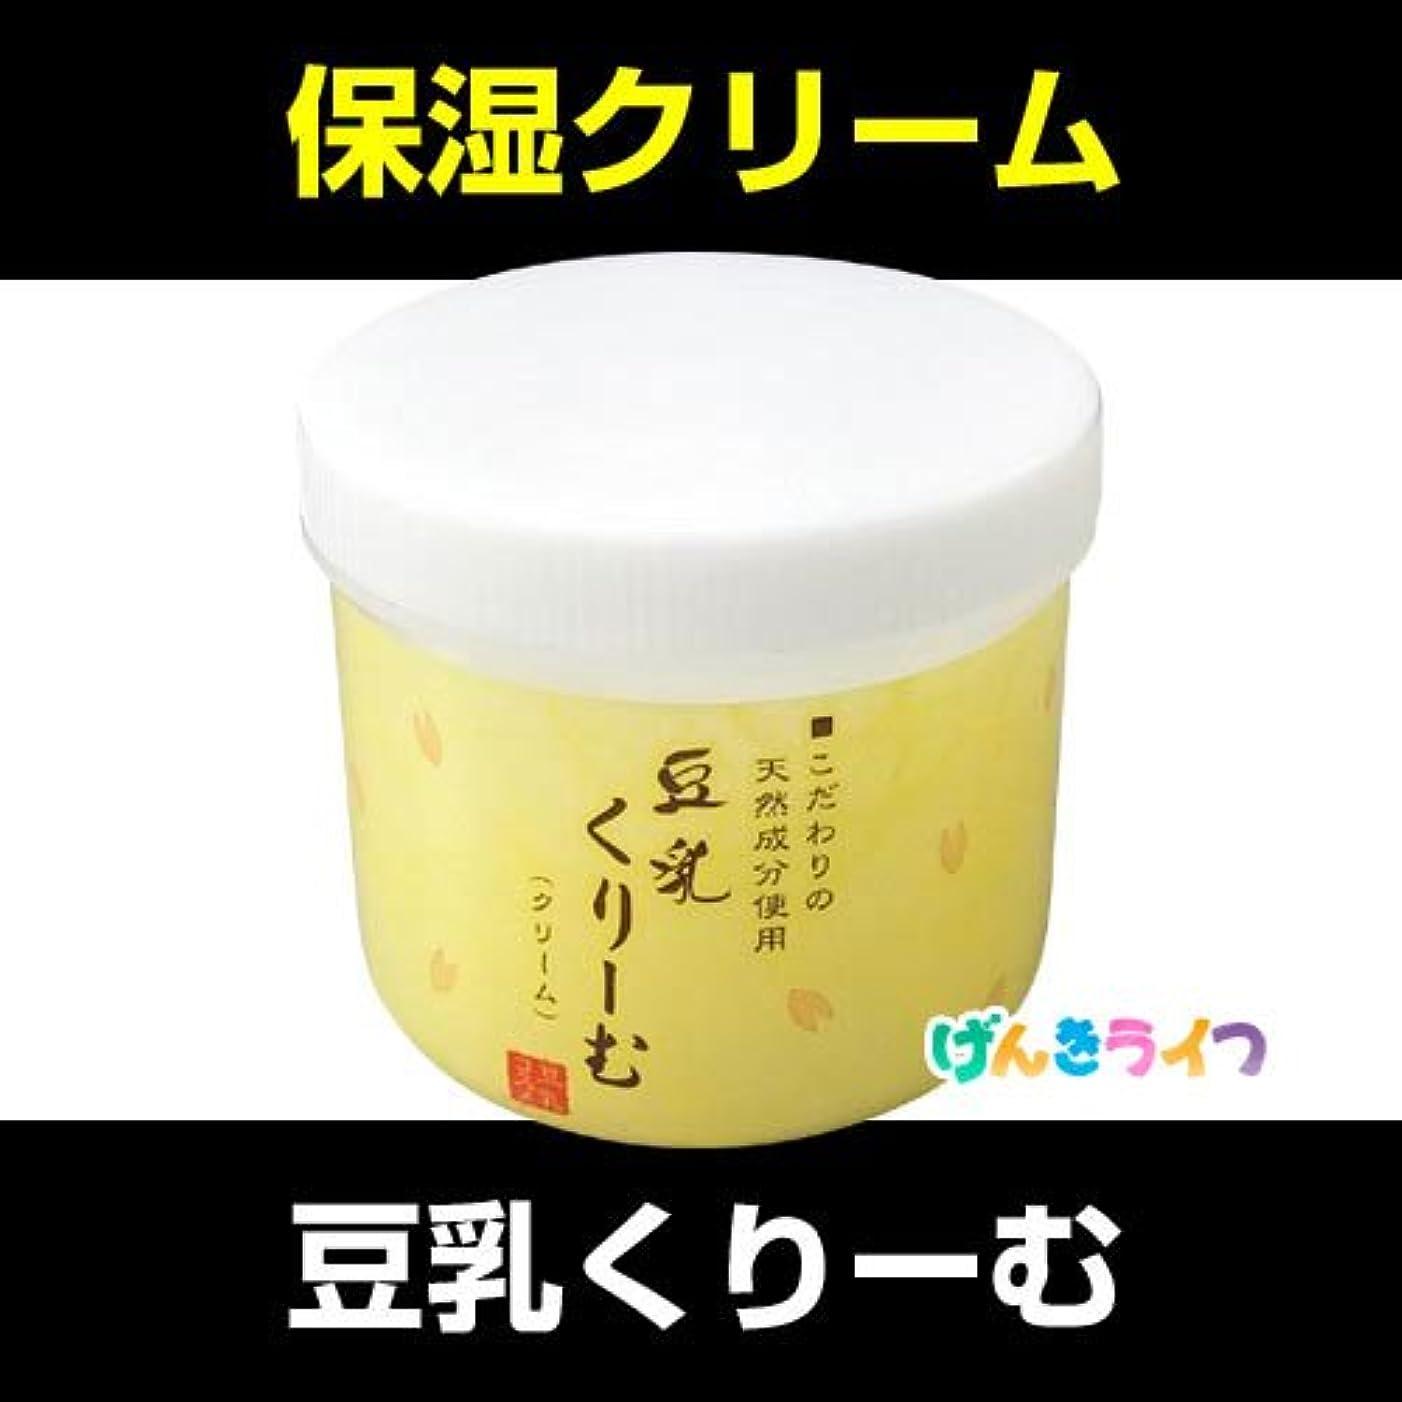 必要性細菌大使吉野ふじや謹製 とうにゅうくりーむ(豆乳クリーム)【3個】